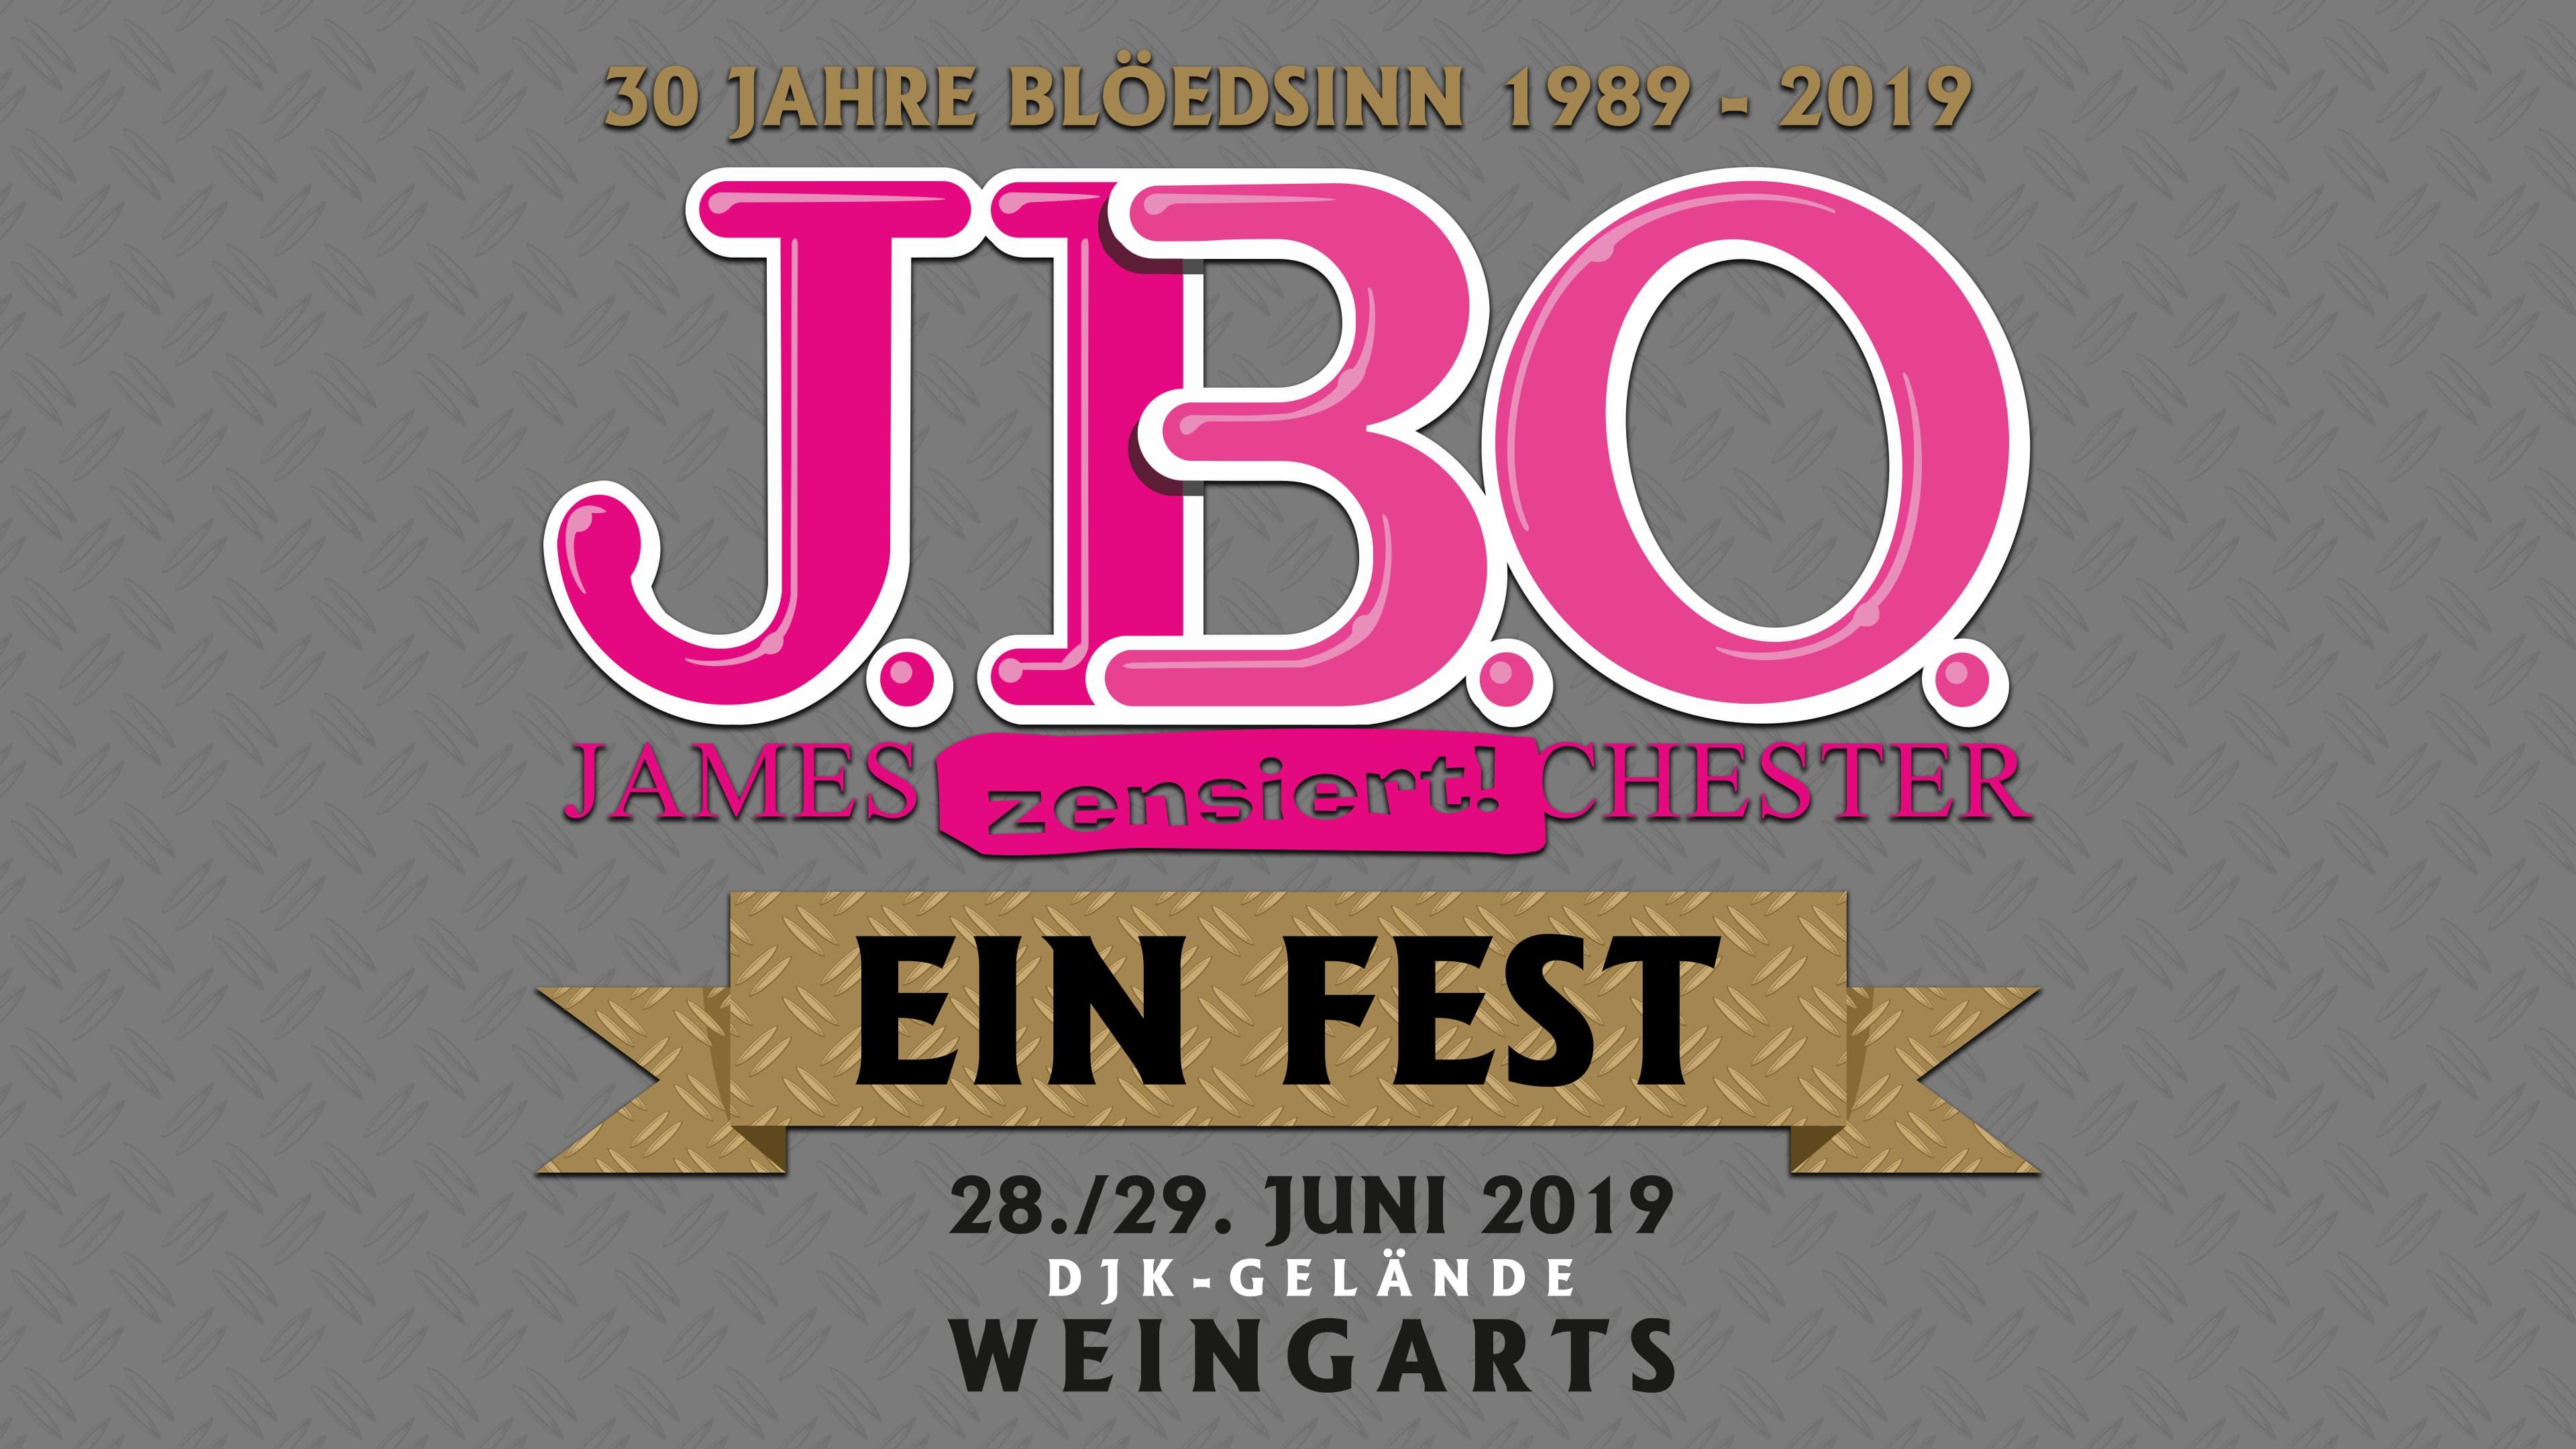 30 Jahre Blöedsinn, daher feiern J.B.O. ein Fest! 🎉